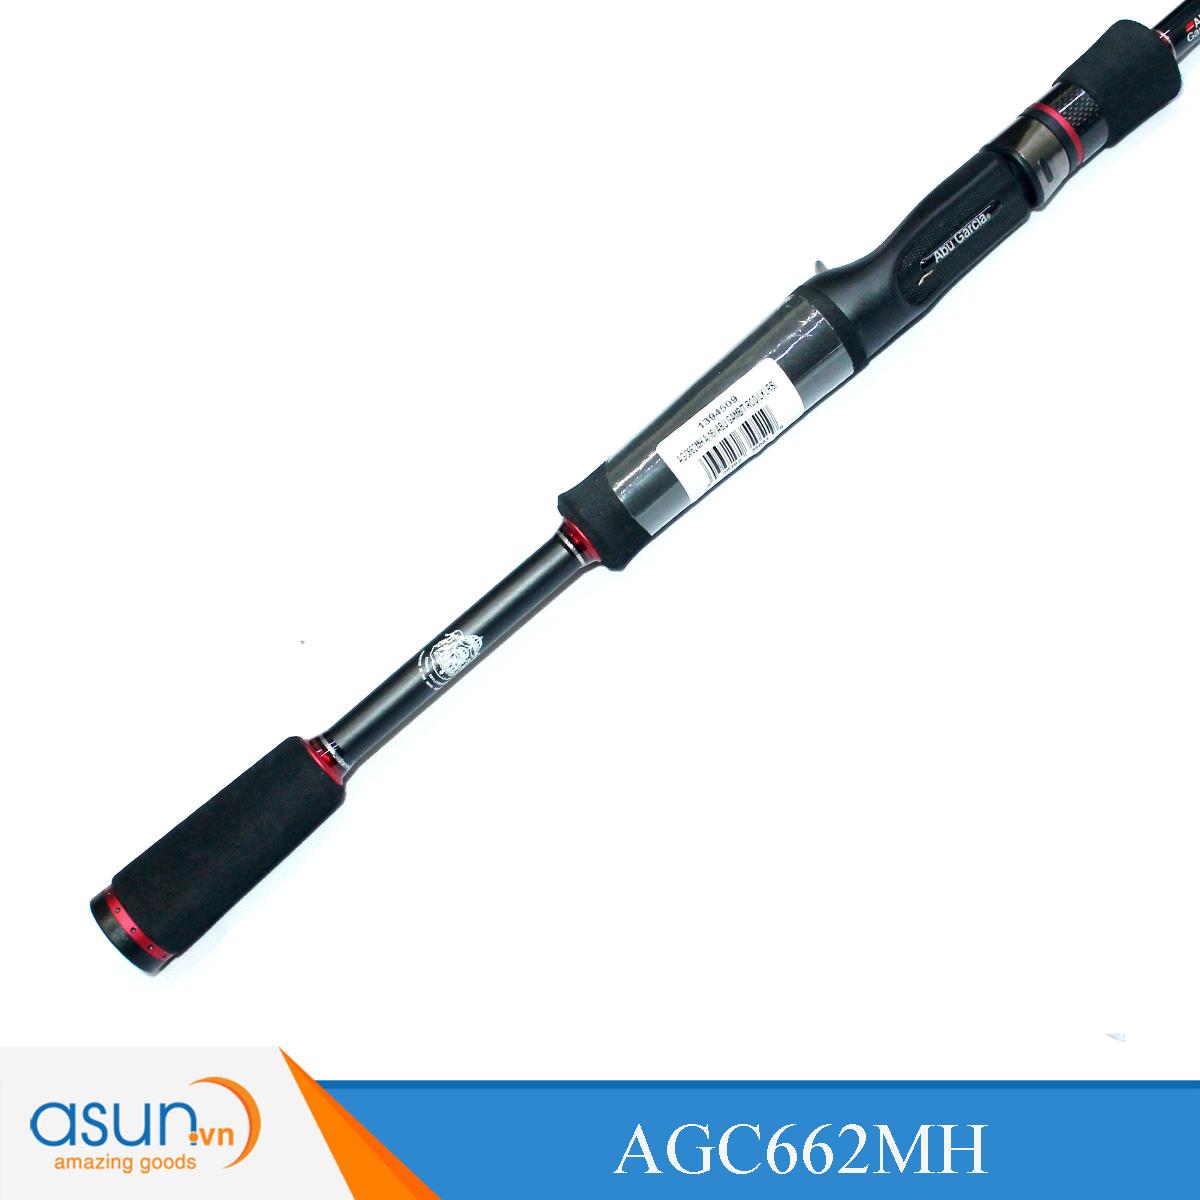 Cần Câu Ngang Hai Khúc Abu Garcia Gambit Iron Cavalier 662MH - 1m98 Chính Hãng